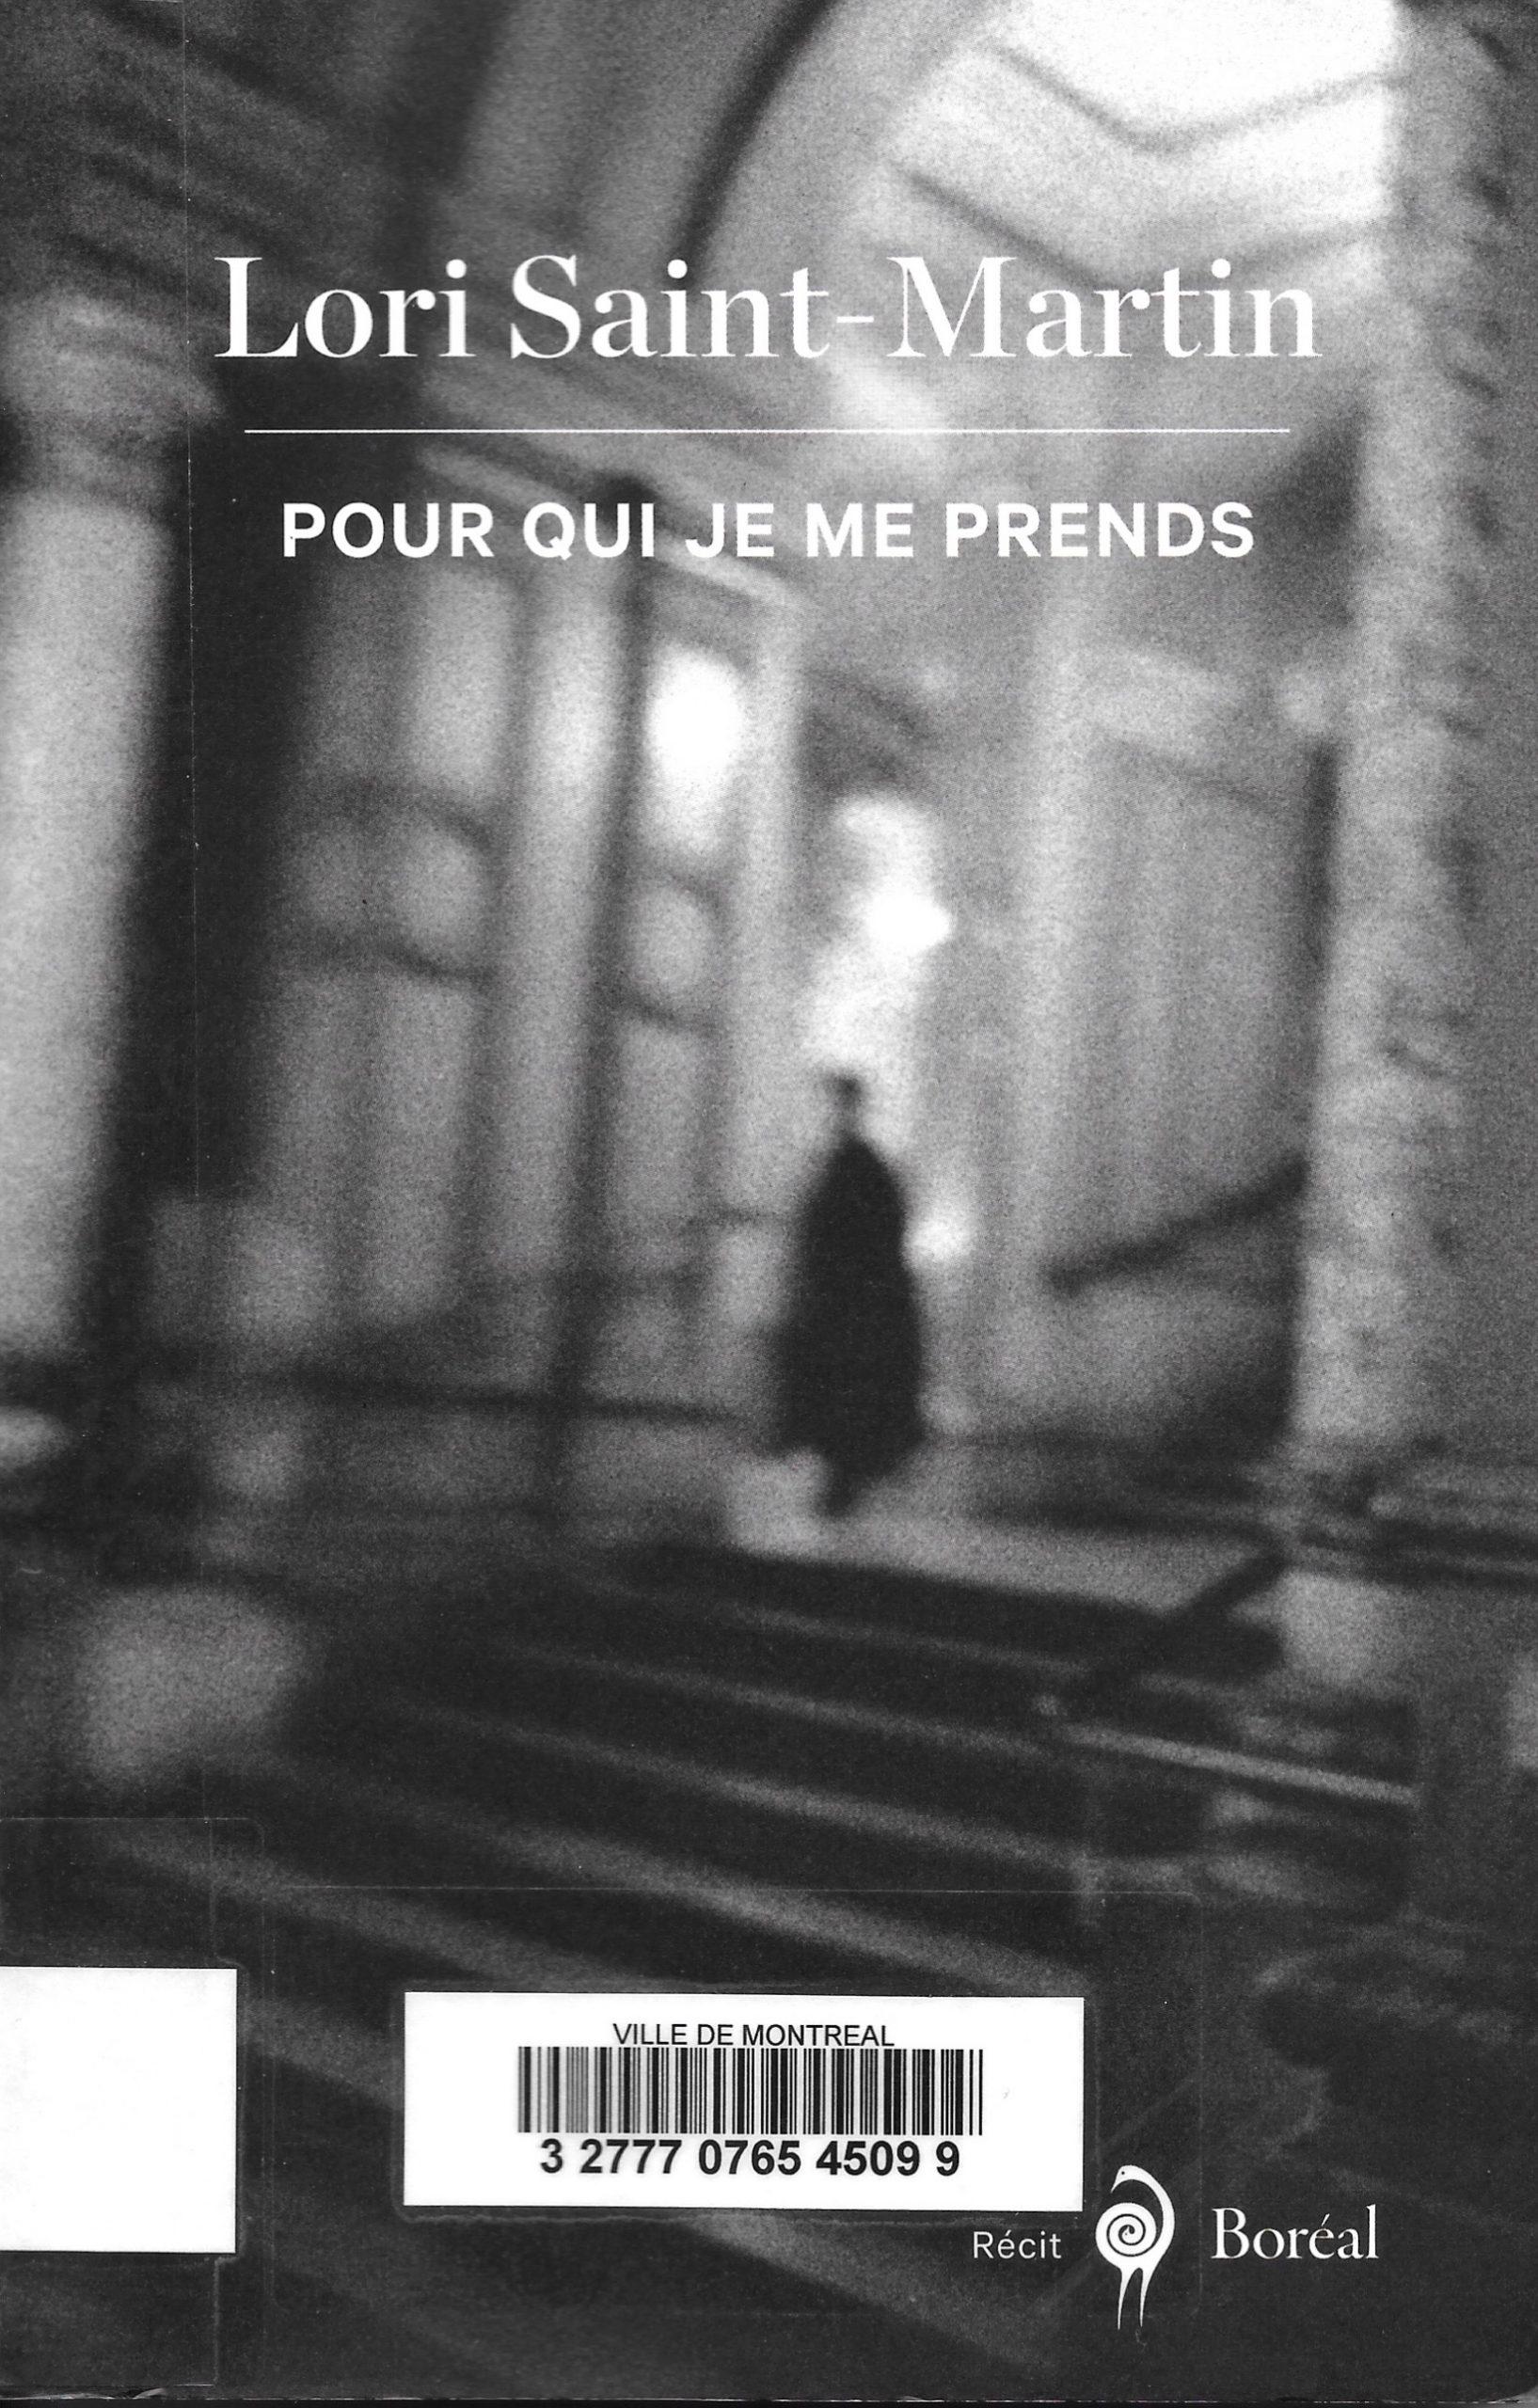 Lori Saint-Martin, Pour qui je me prends, 2020, couverture